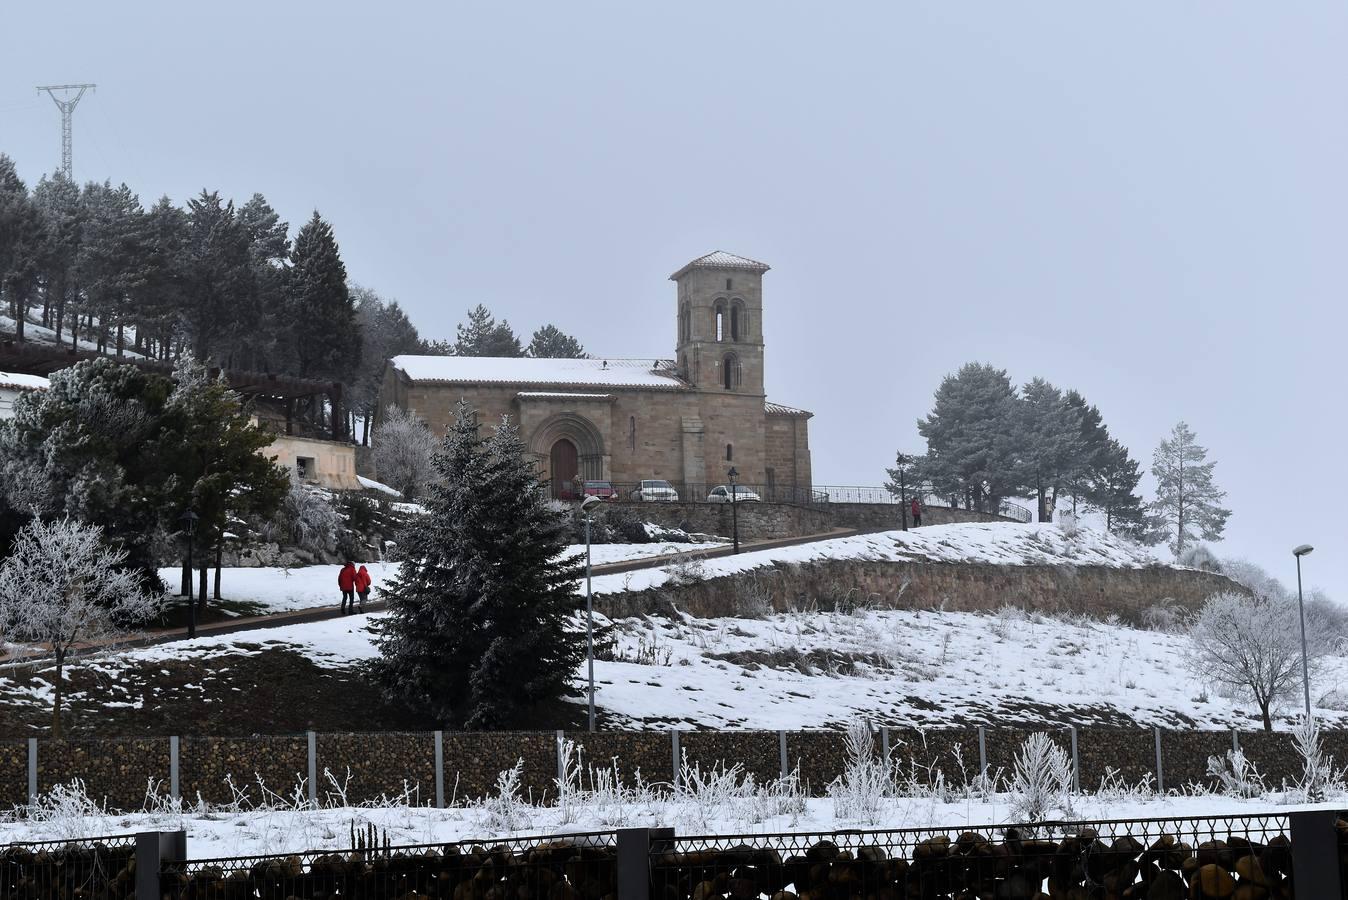 La nieve y el hielo perduran en Aguilar de Campoo